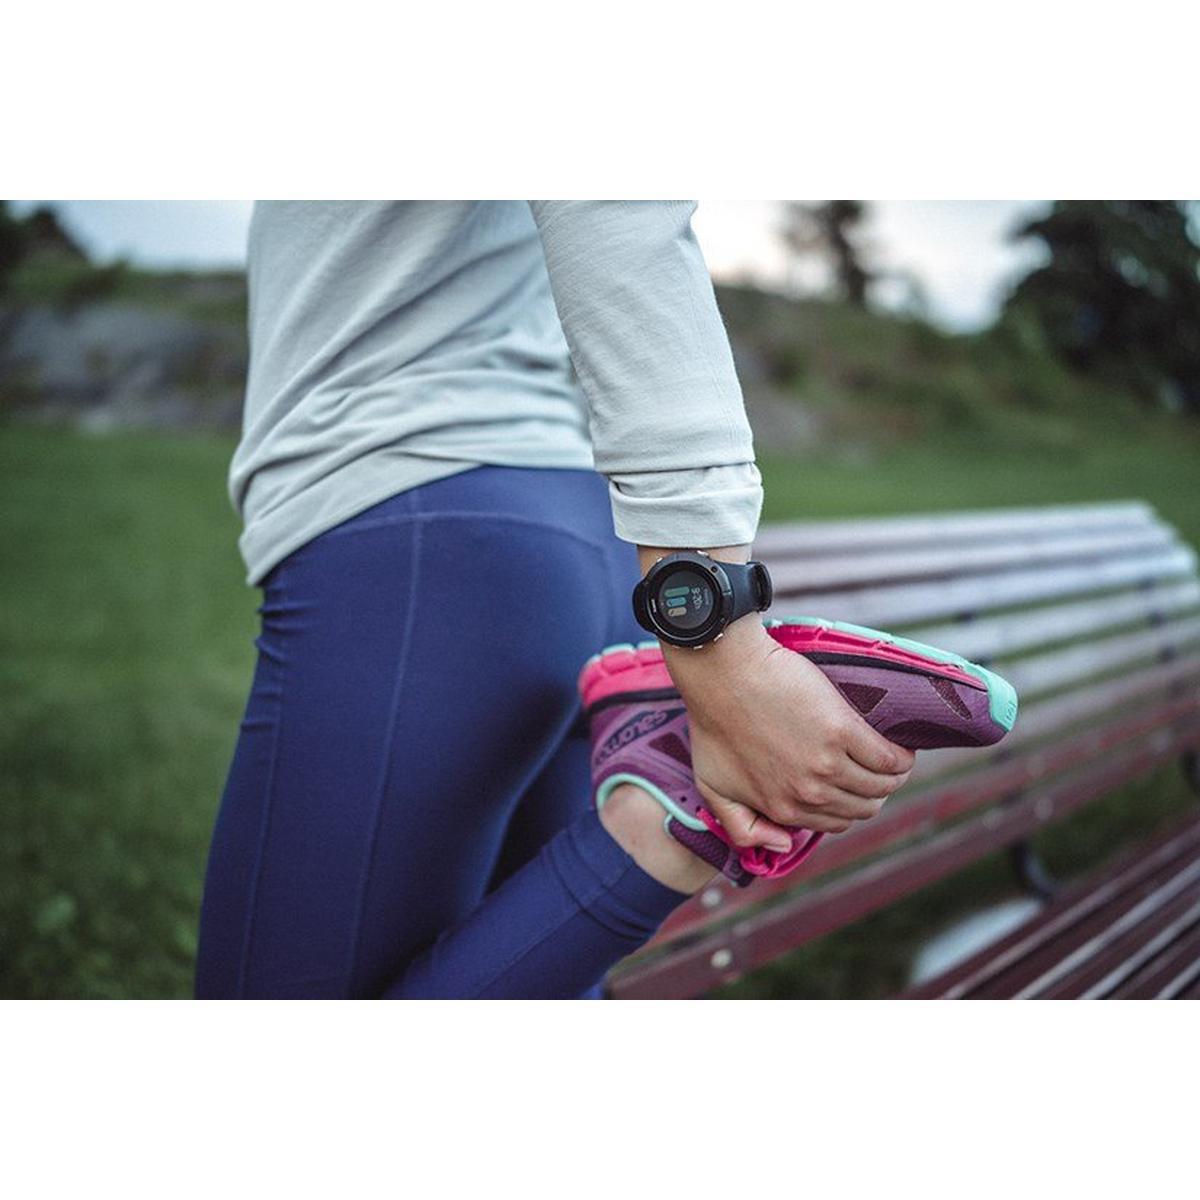 Suunto Spartan Trainer Wrist HR GPS Watch